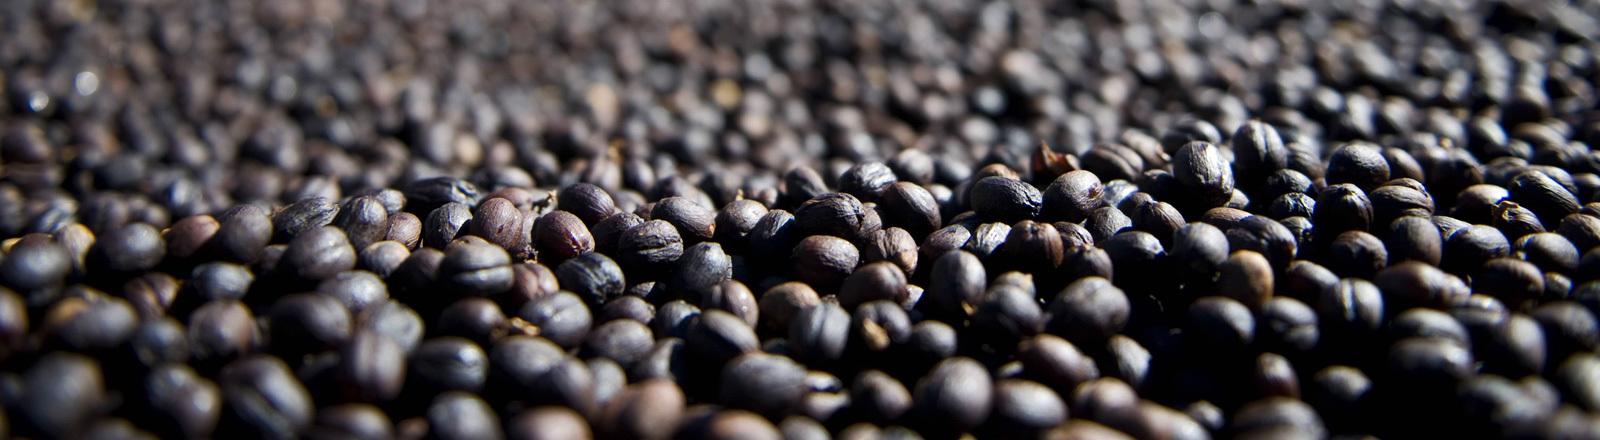 Auf einer Plantage in Panama werden Kaffeebohnen getrocknet. Die Bohnen liegen auf einer Art Förderband.